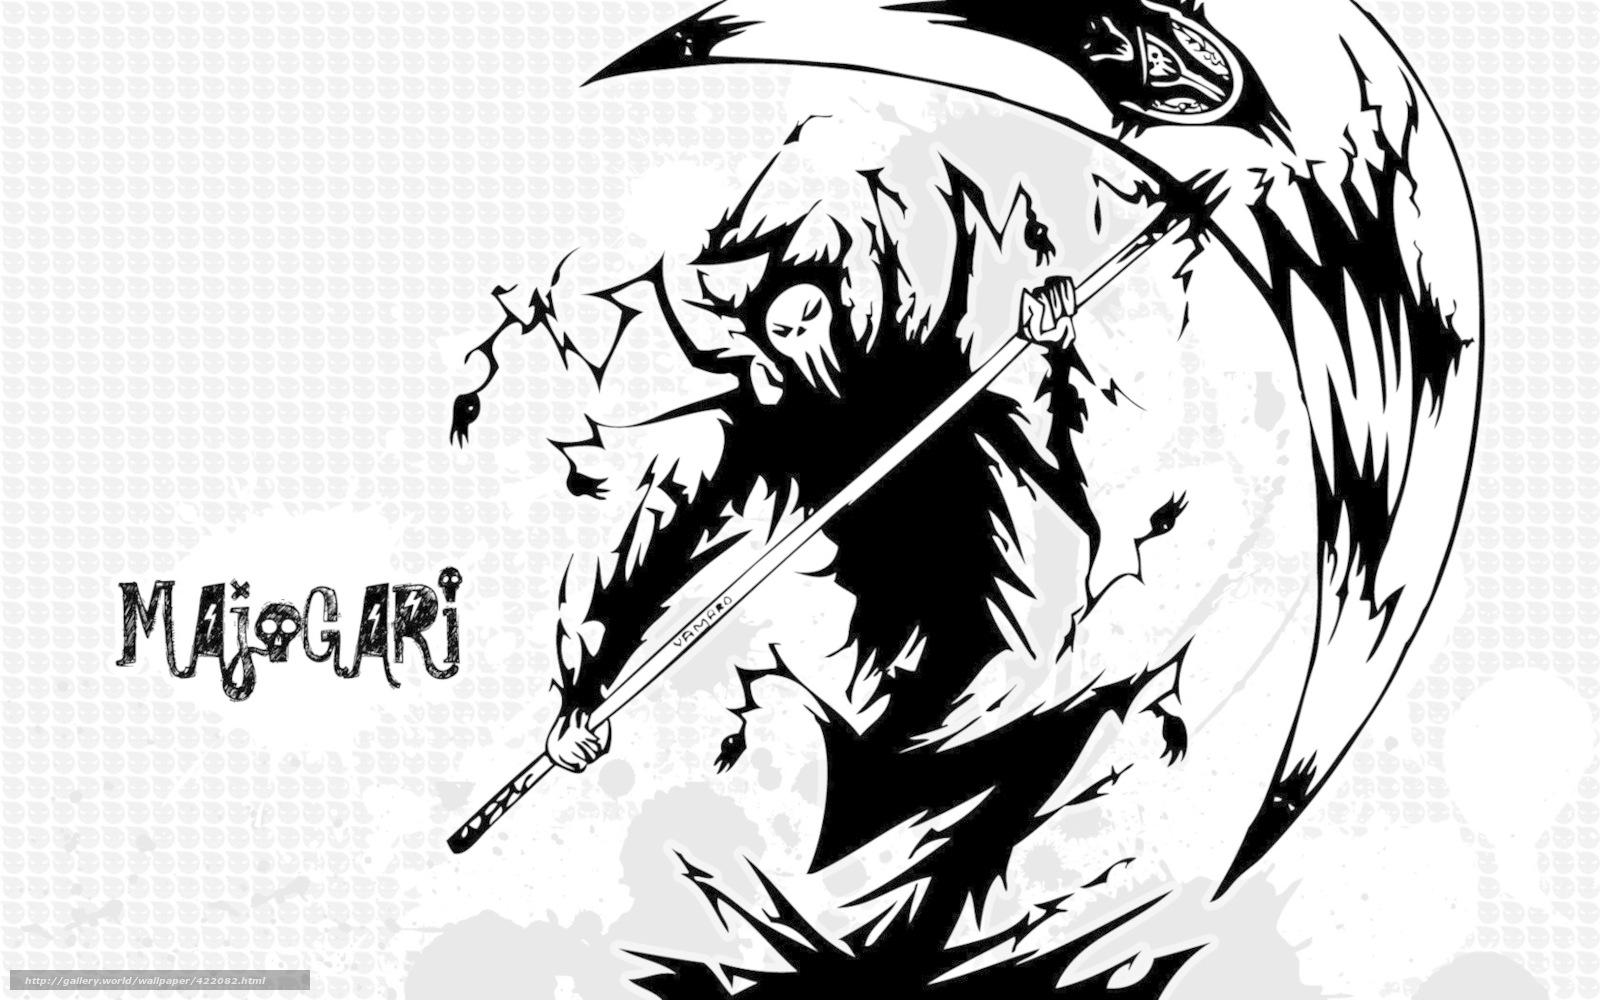 死神镰刀壁纸内容|死神镰刀壁纸图片